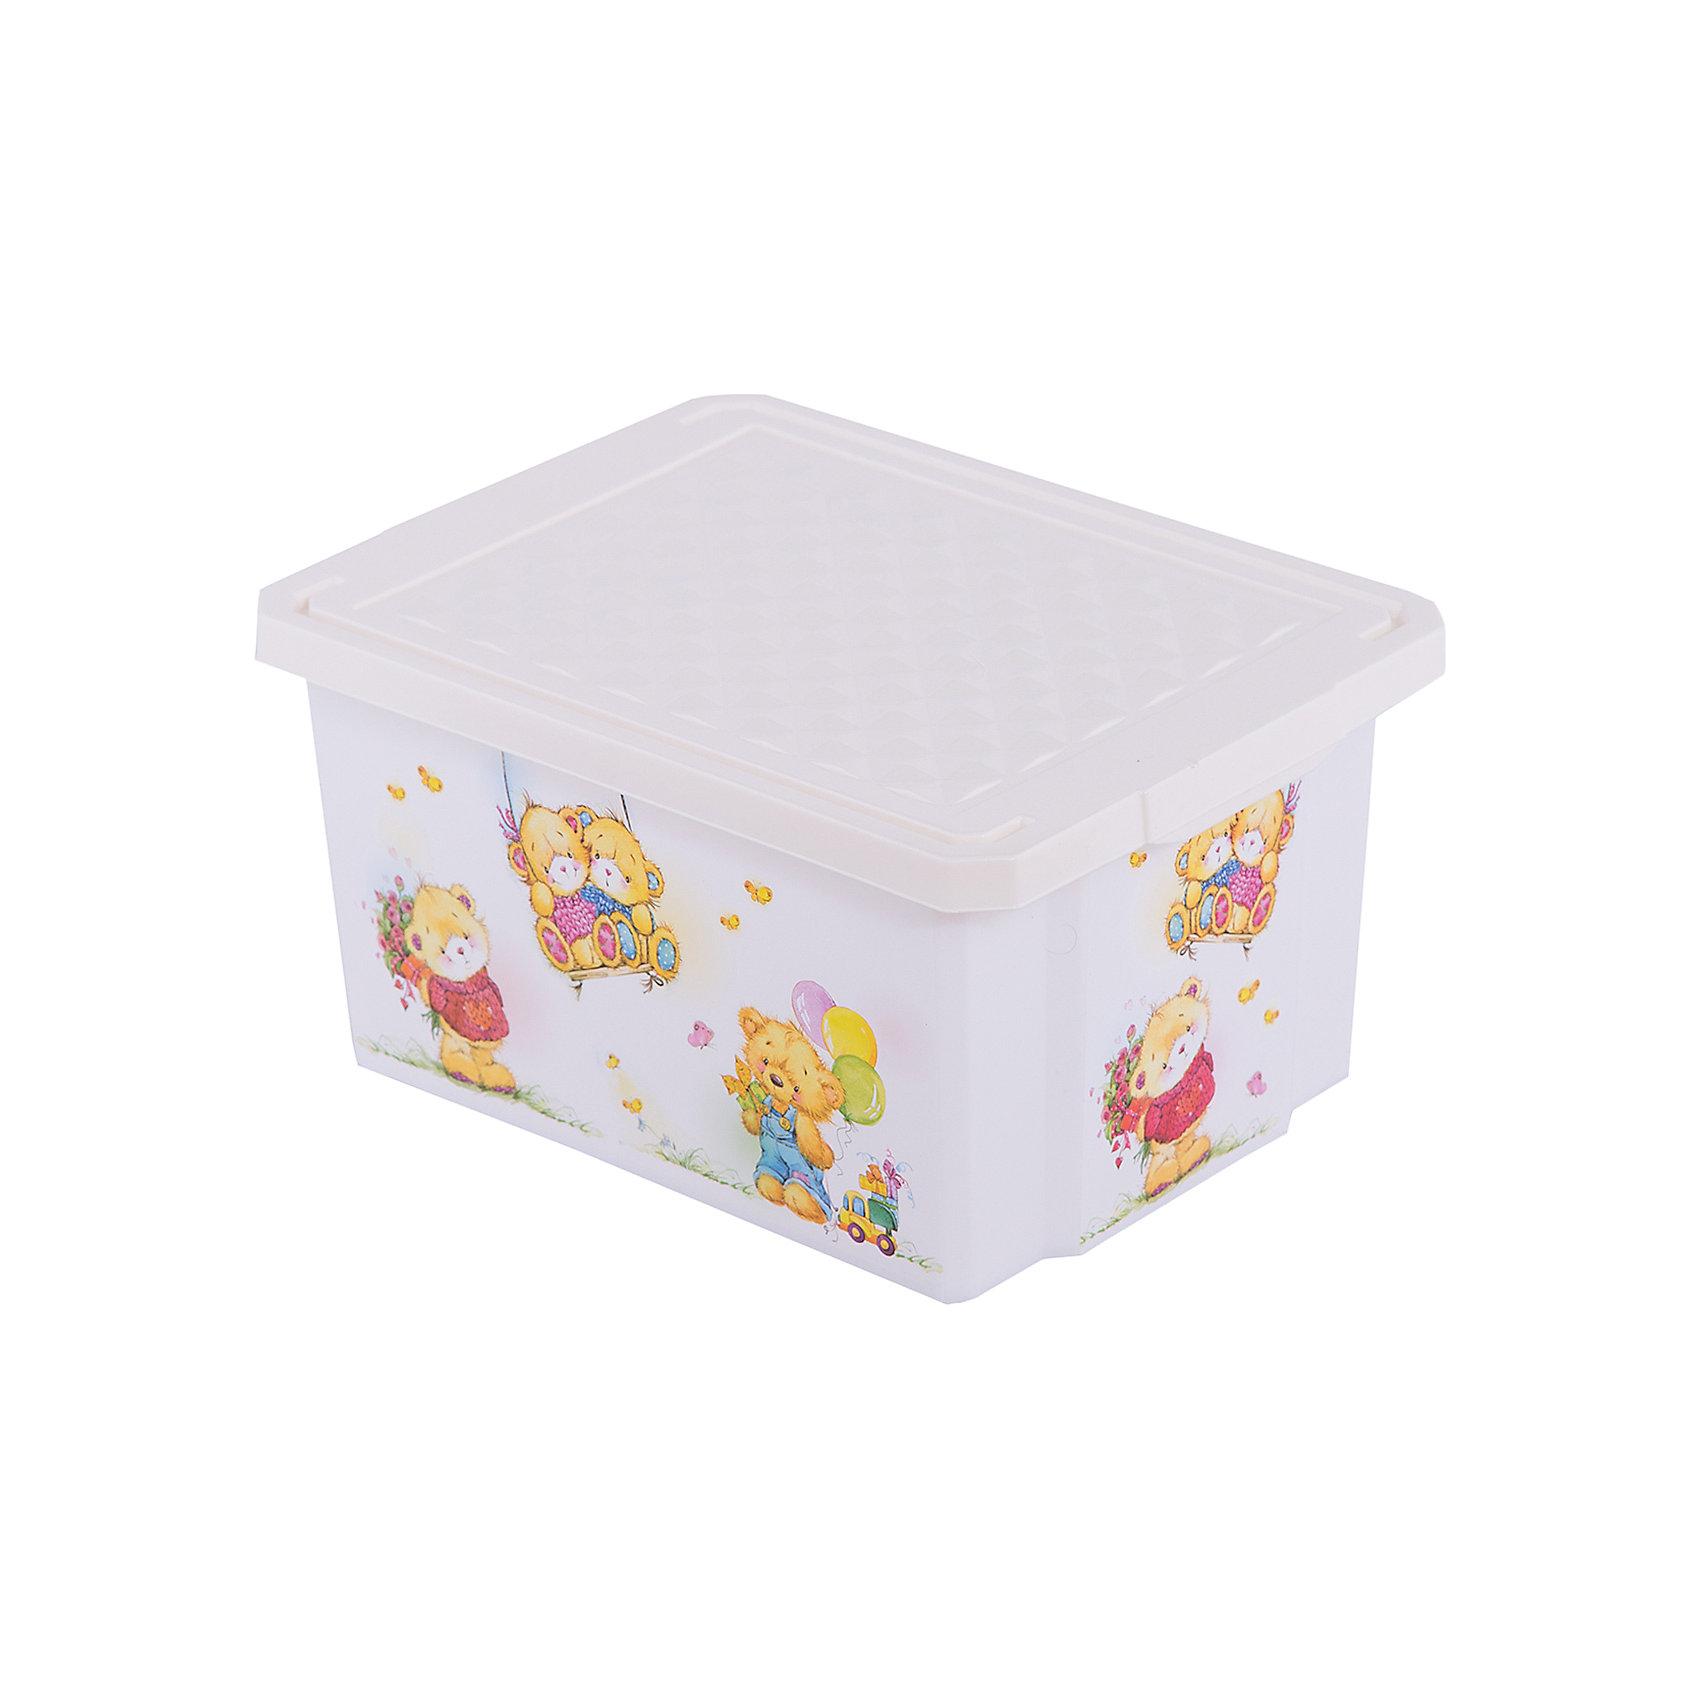 Ящик для хранения игрушек X-BOX Bears 17л, Little Angel, слоновая костьПорядок в детской<br>Ящик для хранения игрушек X-BOX Bears 17 л, Little Angel, слоновая кость изготовлен отечественным производителем . Выполненный из высококачественного пластика, устойчивого к внешним повреждениям и изменению цвета, ящик станет не только необходимым предметом для хранения детских игрушек и принадлежностей, но и украсит детскую комнату своим ярким дизайном. По бокам ящика с помощью инновационной технологии нанесены картинки, изображающие милых медвежат.<br>Ящик оснащен крышкой, что защитит хранящиеся в нем предметы от пыли. Компактный размер ящика идеально подходит для хранения принадлежностей для детского творчества: рисования, лепки, аппликации или рукоделия. <br>Ящик для хранения игрушек X-BOX Bears 17 л, Little Angel, слоновая кость достаточно прост в уходе, его можно протирать влажной губкой или мыть в теплой воде. <br><br>Дополнительная информация:<br><br>- Предназначение: для дома<br>- Цвет: слоновая кость, розовый<br>- Пол: для девочки<br>- Материал: пластик<br>- Размер (Д*Ш*В): 40,5*30,5*21 см<br>- Объем: 17 л<br>- Вес: 661 г<br>- Особенности ухода: разрешается мыть теплой водой<br><br>Подробнее:<br><br>• Для детей в возрасте: от 2 лет и до 7 лет<br>• Страна производитель: Россия<br>• Торговый бренд: Little Angel<br><br>Ящик для хранения игрушек X-BOX Bears 17 л, Little Angel, слоновая кость можно купить в нашем интернет-магазине.<br><br>Ширина мм: 405<br>Глубина мм: 305<br>Высота мм: 210<br>Вес г: 661<br>Возраст от месяцев: 24<br>Возраст до месяцев: 84<br>Пол: Унисекс<br>Возраст: Детский<br>SKU: 4881777